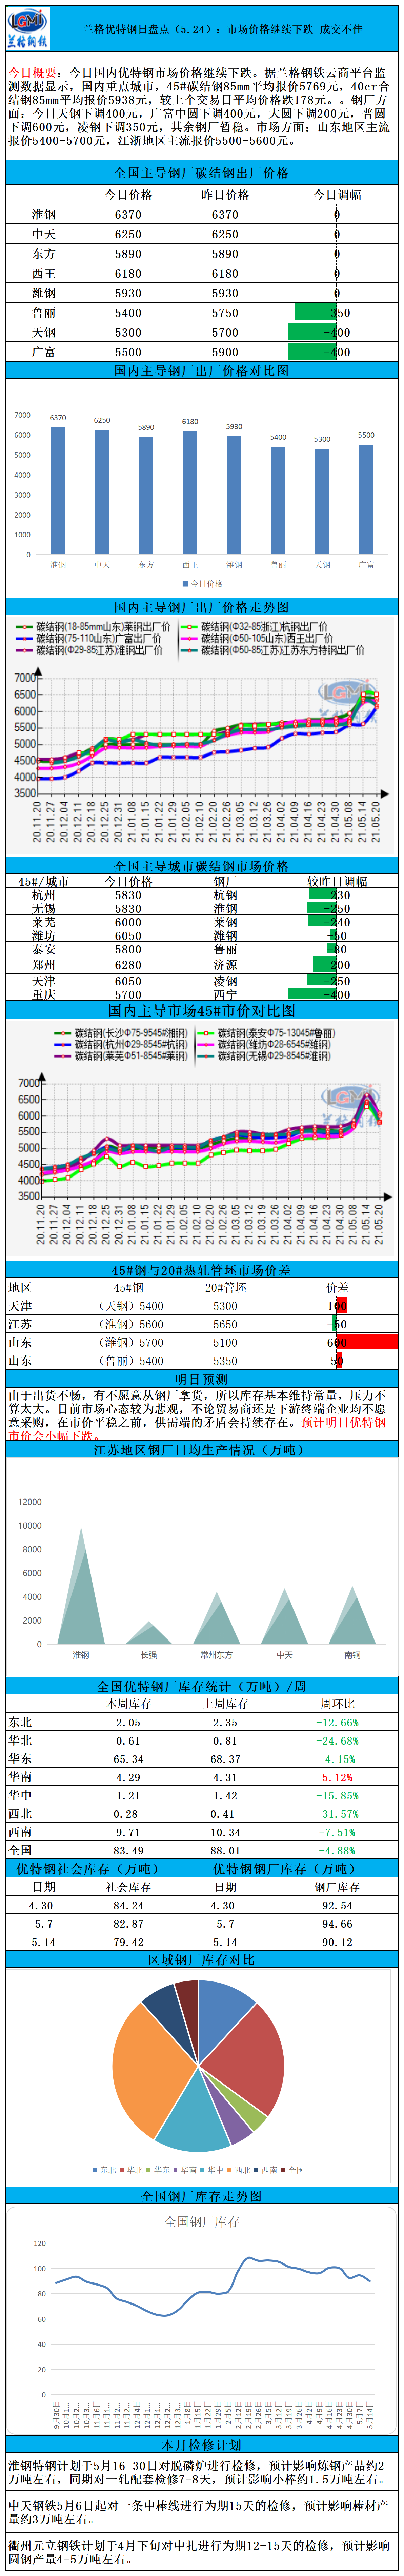 兰格优特钢日盘点(5.24):市场价格继续下跌 成交不佳